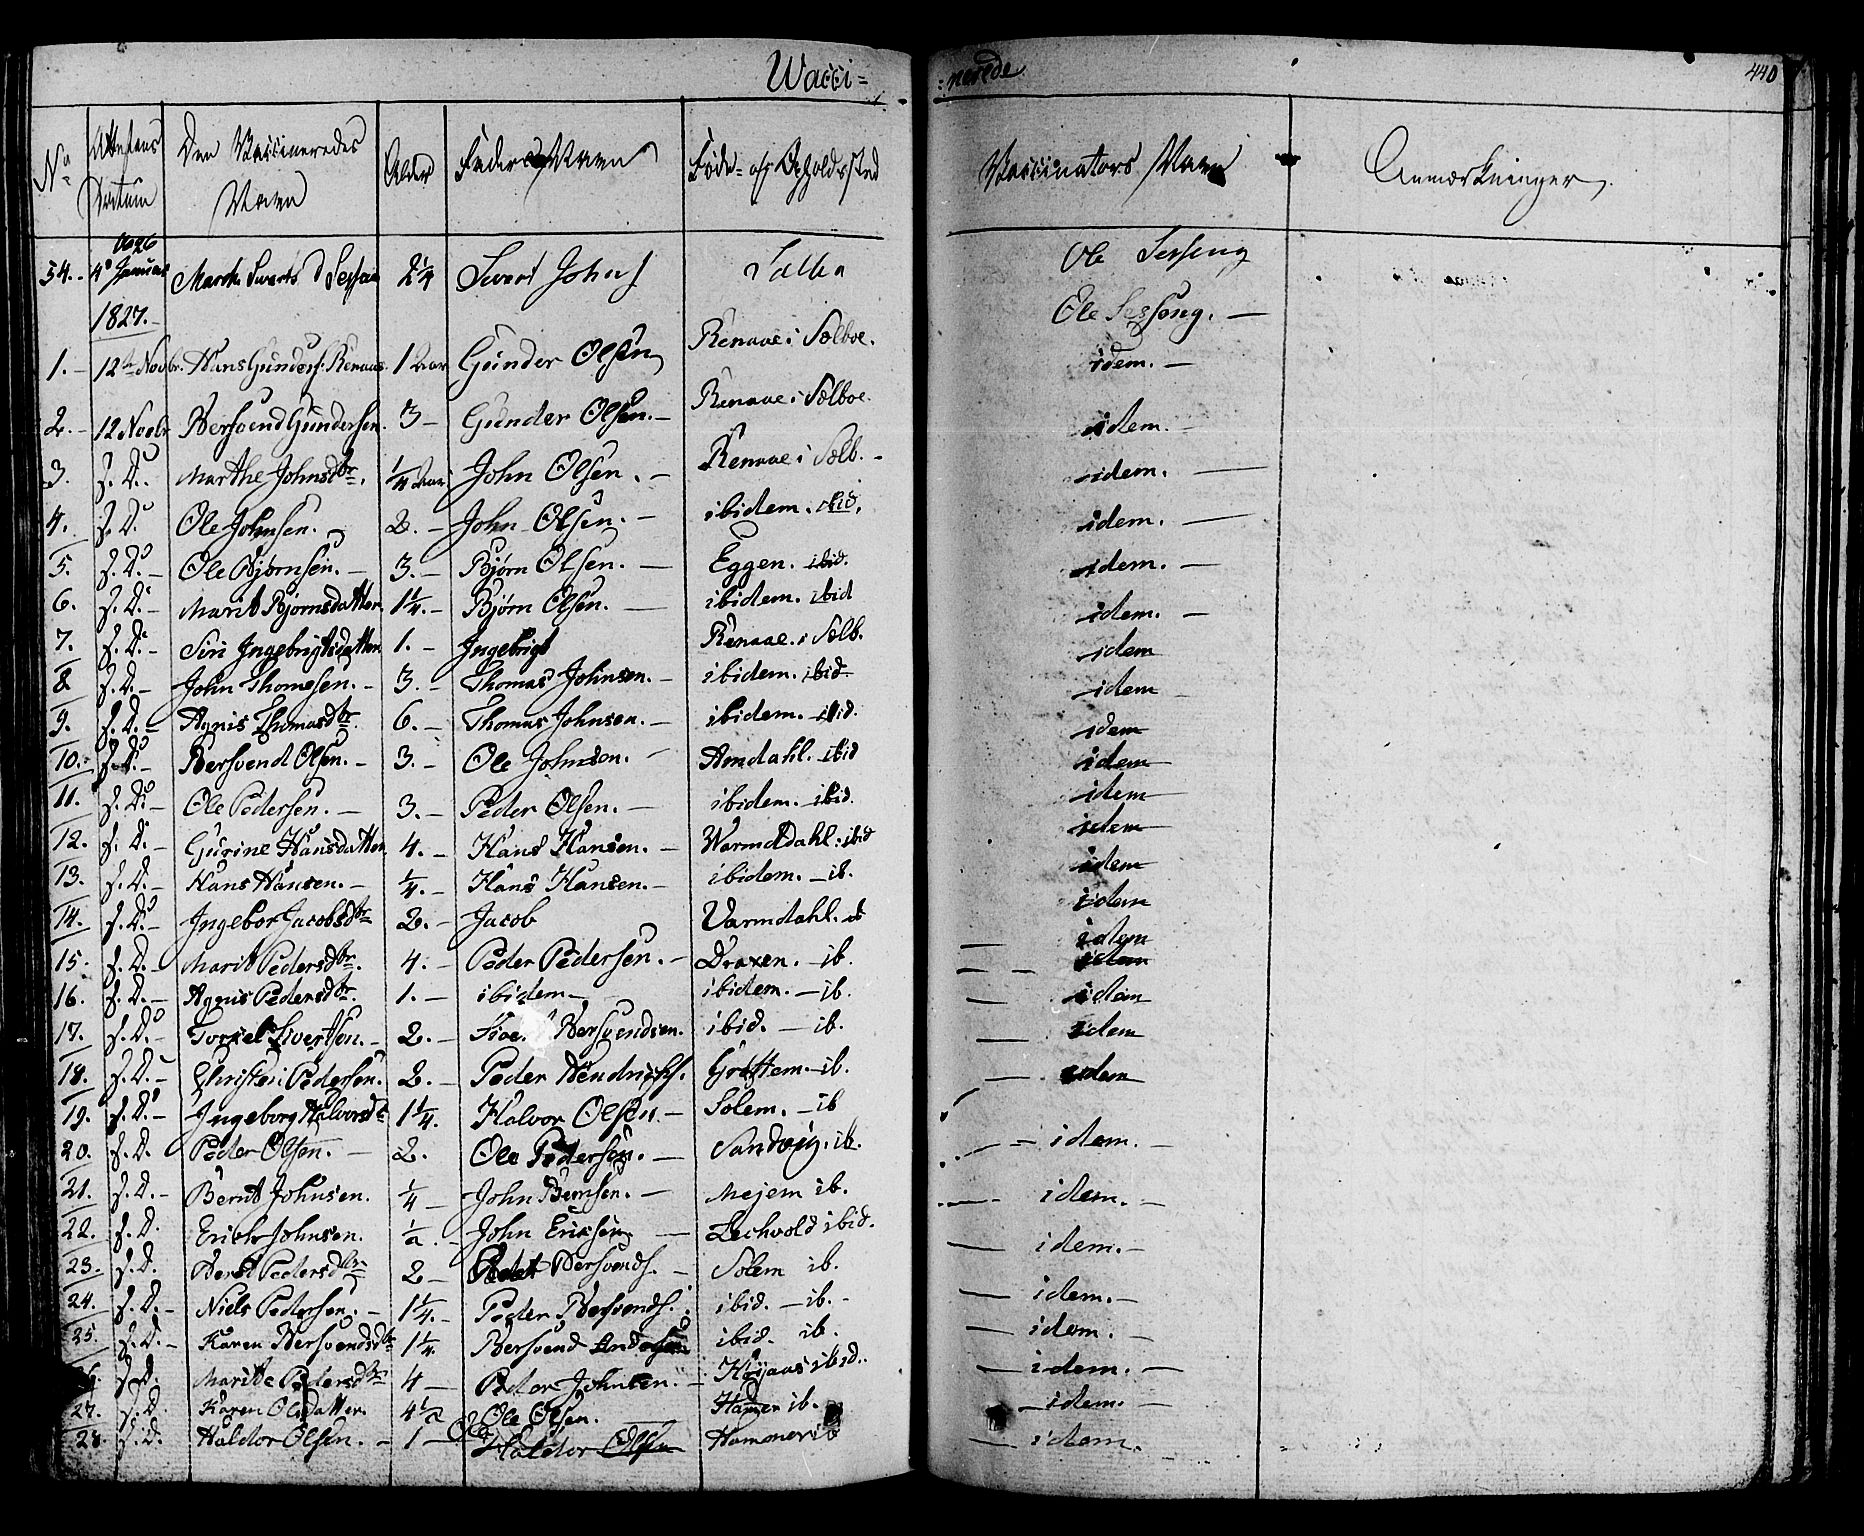 SAT, Ministerialprotokoller, klokkerbøker og fødselsregistre - Sør-Trøndelag, 695/L1143: Ministerialbok nr. 695A05 /1, 1824-1842, s. 440